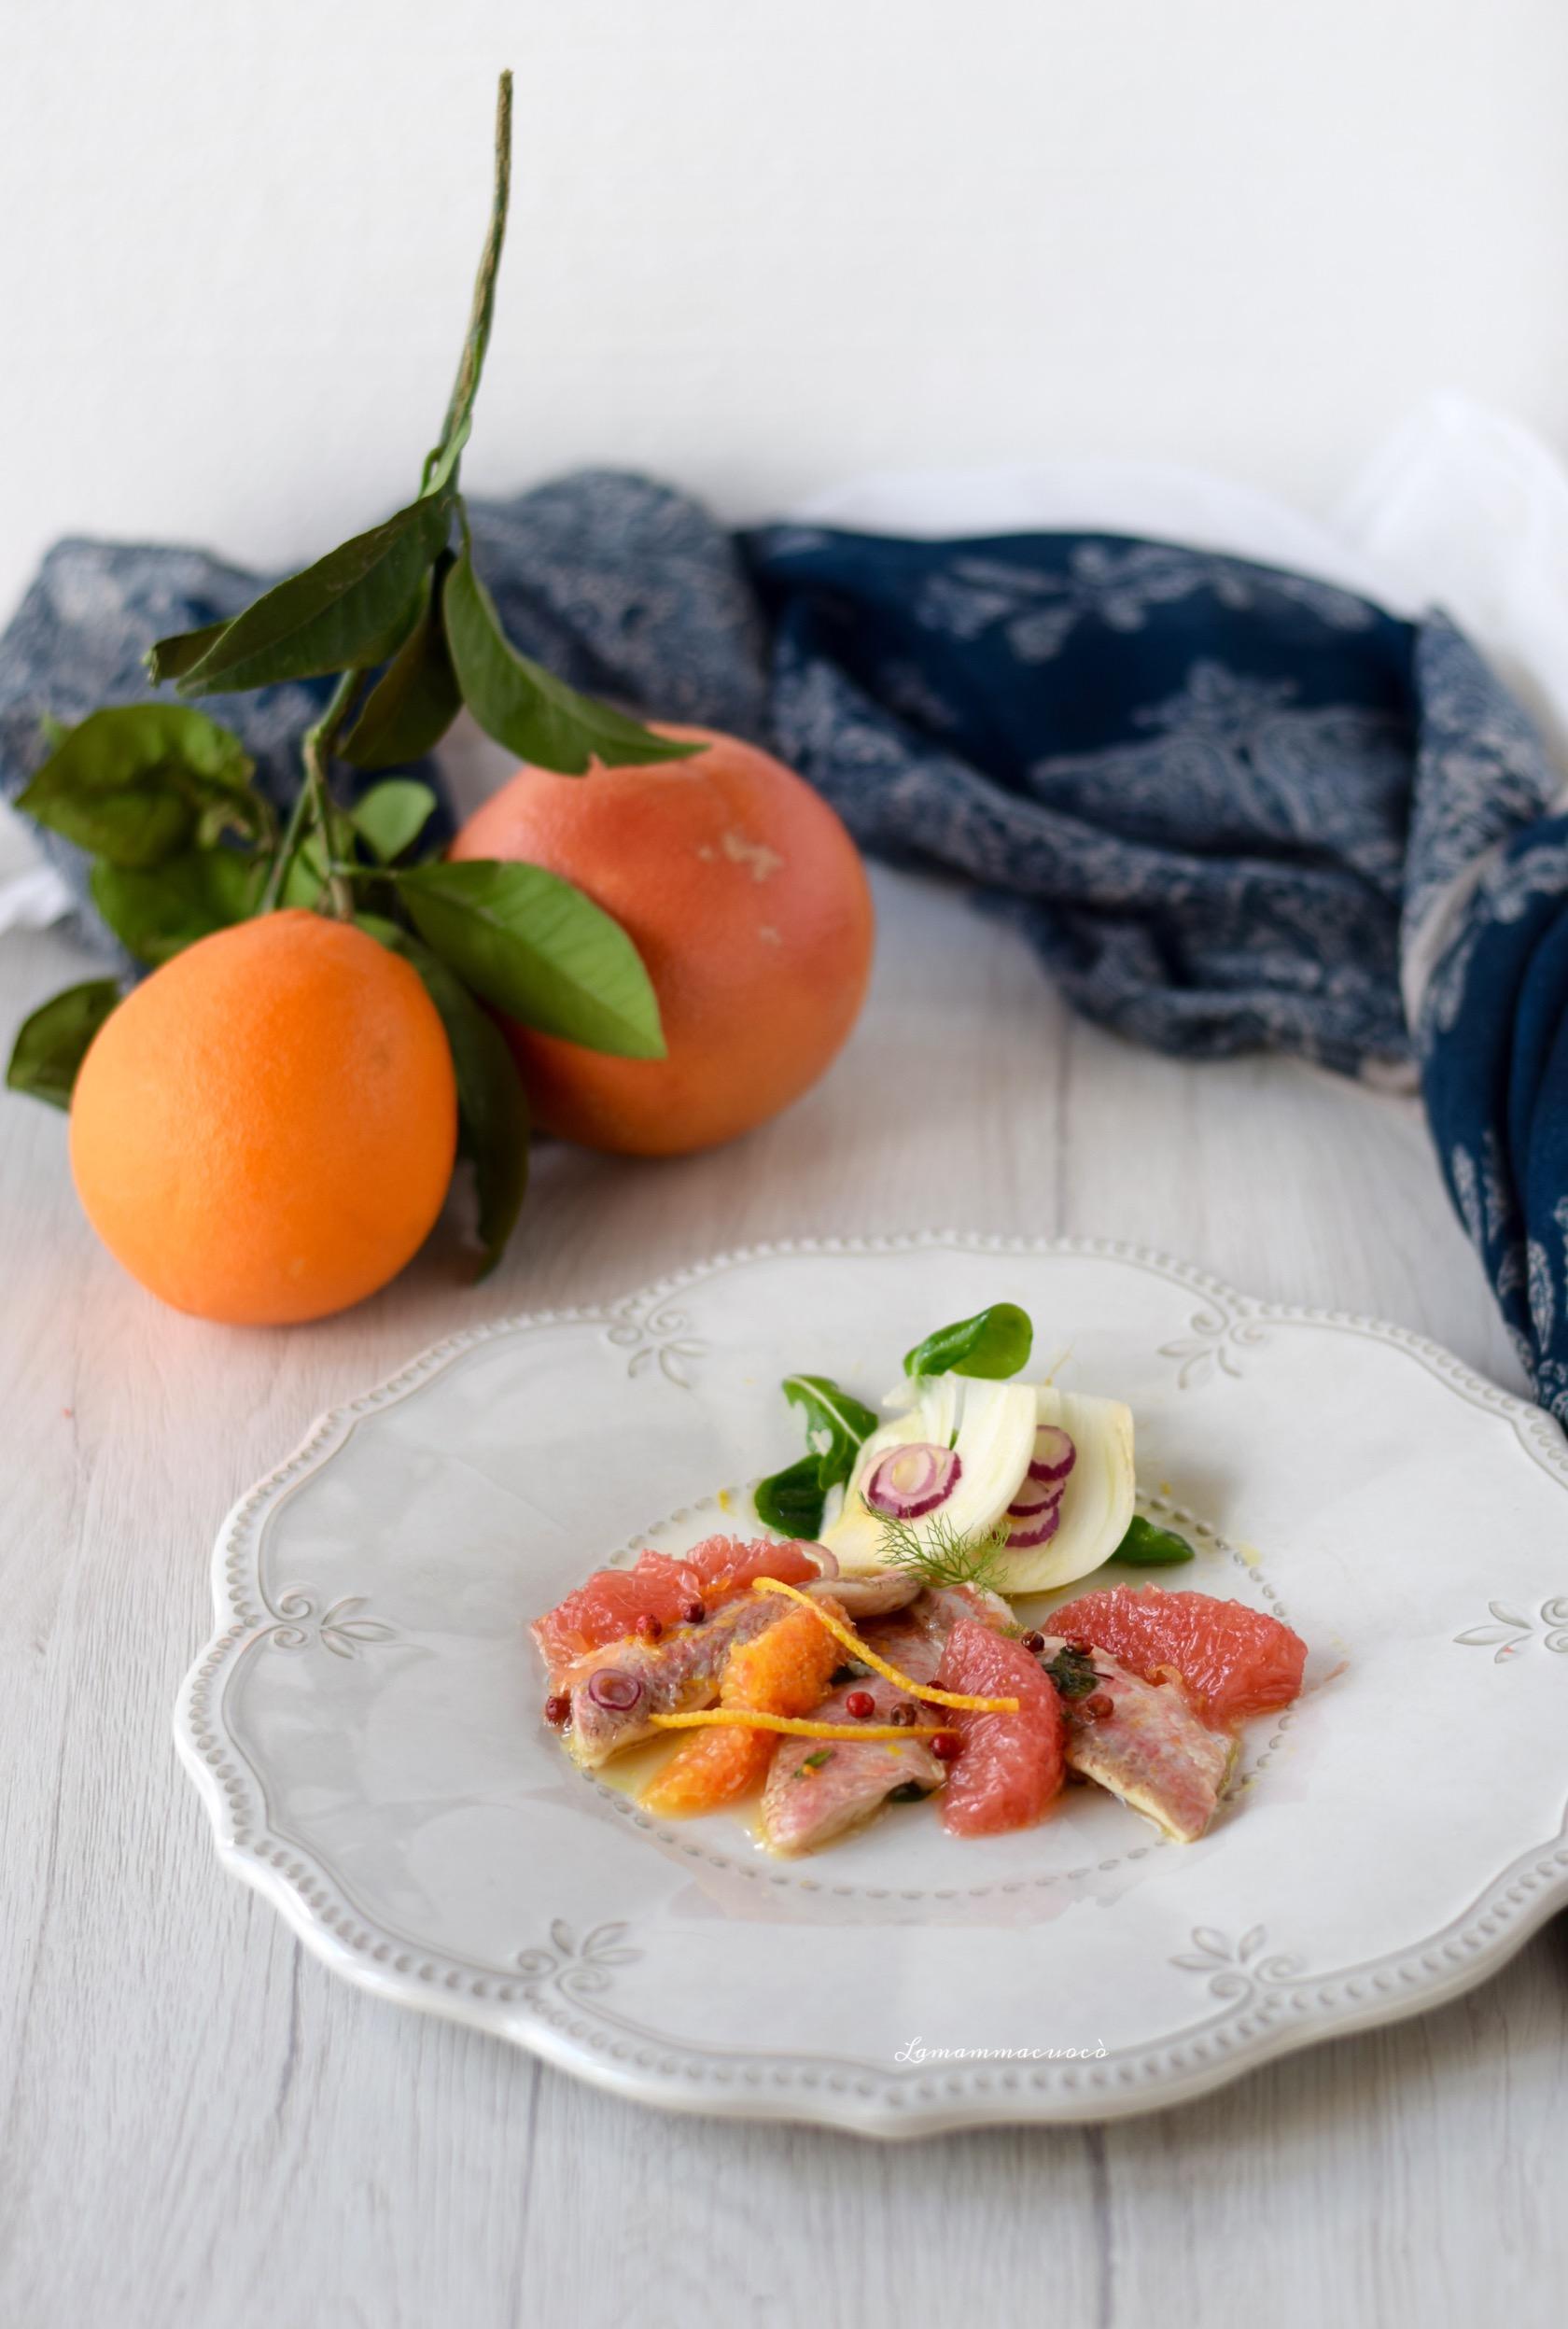 Triglie marinate arancia e limone con finocchi e pompelmo rosa